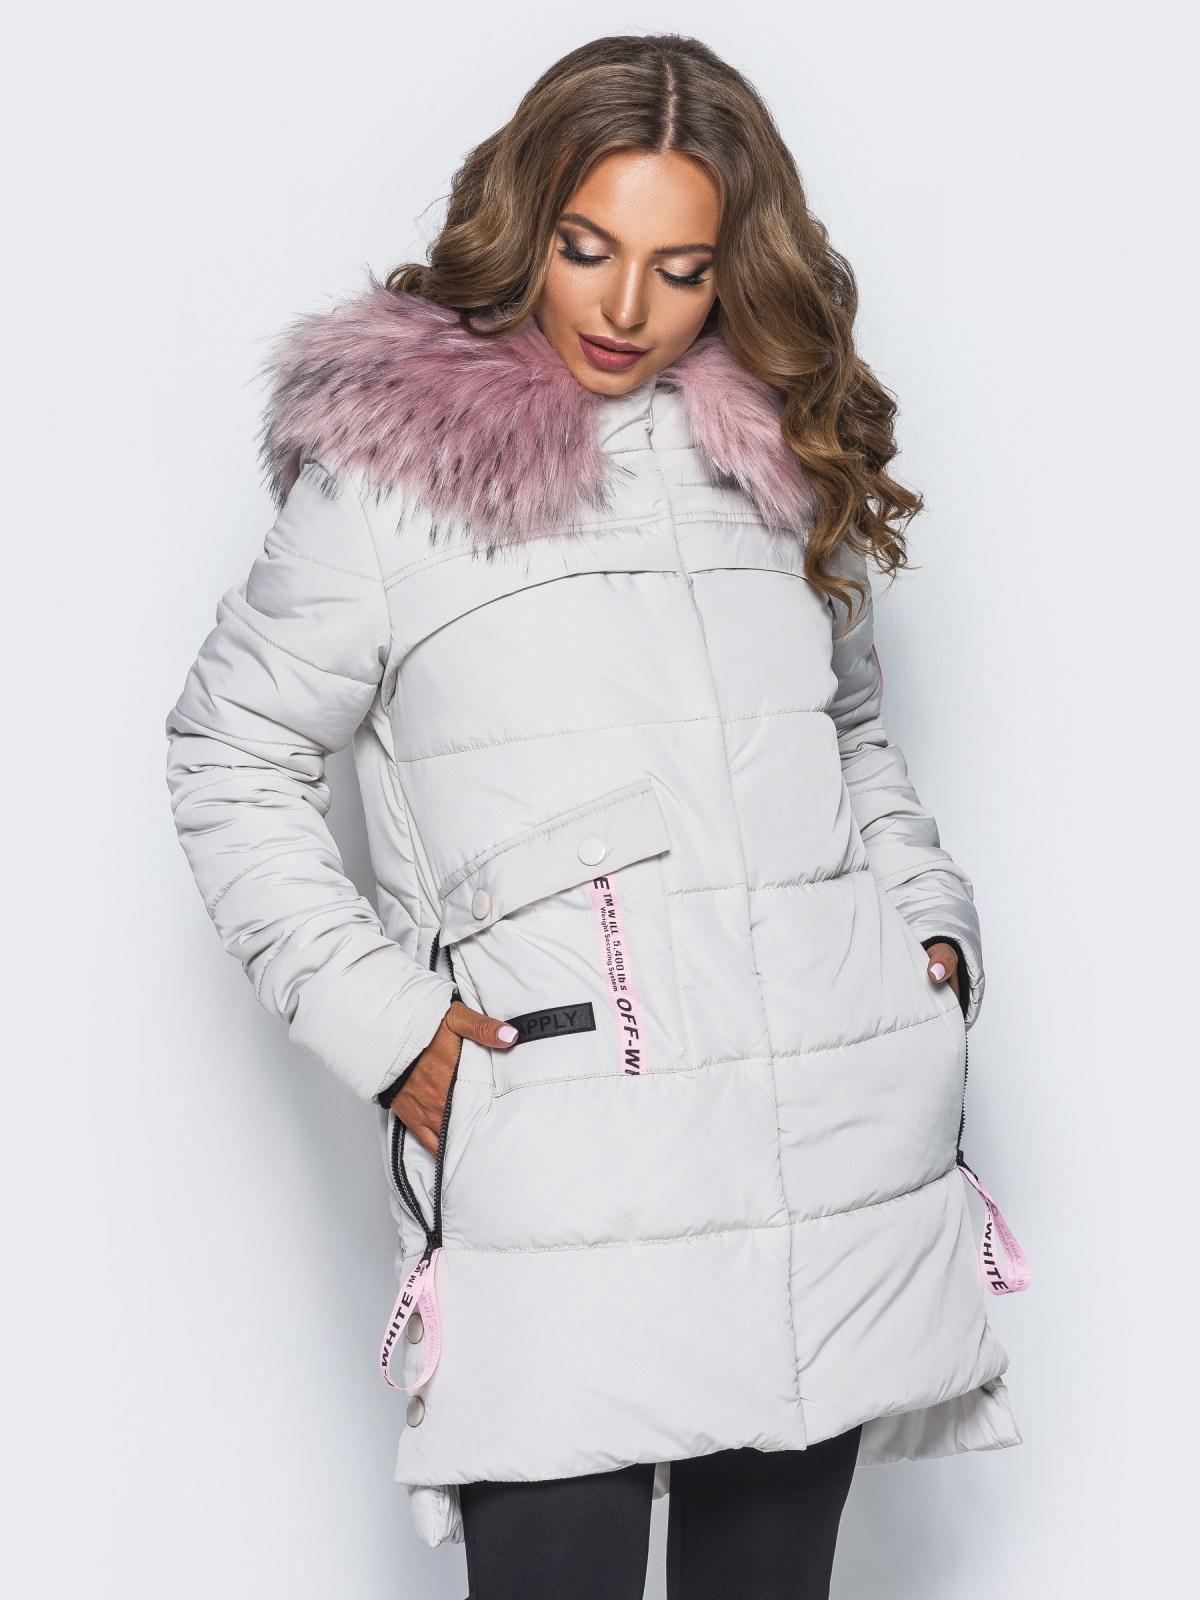 Светло-серая куртка со съемным мехом на капюшоне - 16706, фото 1 – интернет-магазин Dressa